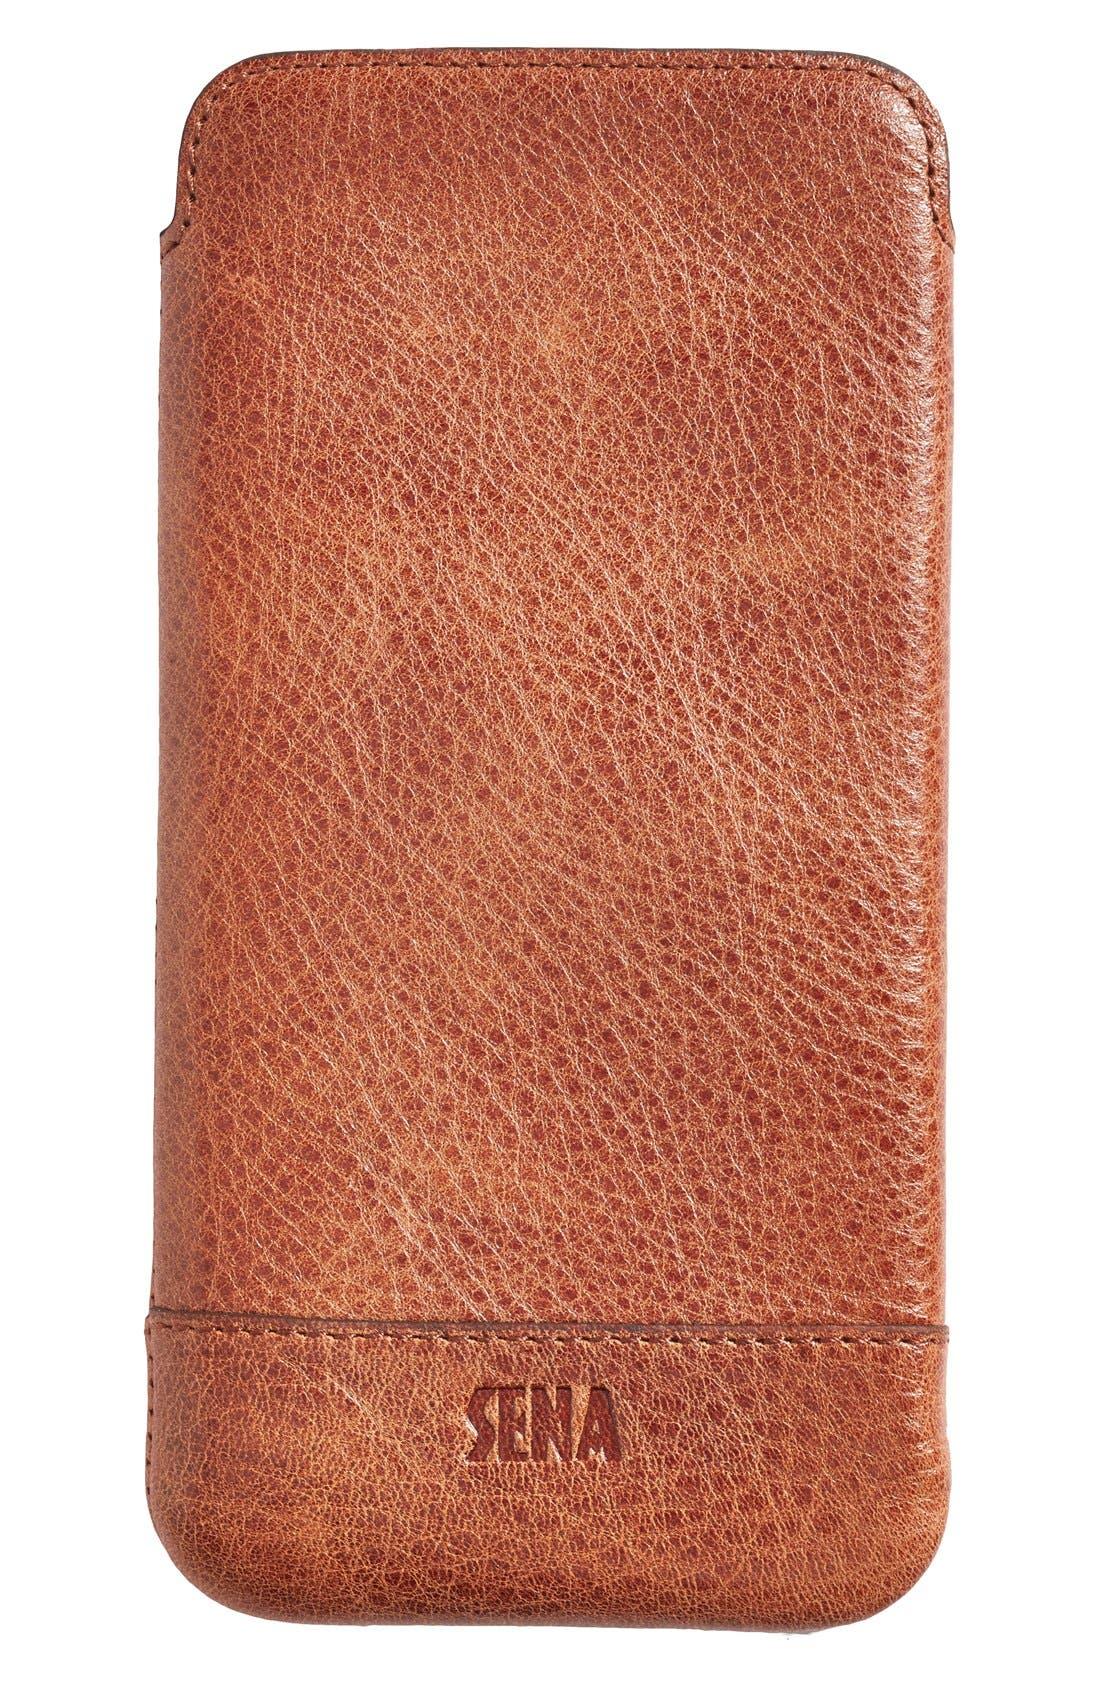 Heritage - Ultra Slim Leather iPhone 6 Plus/6s Plus Pouch,                             Main thumbnail 1, color,                             Cognac